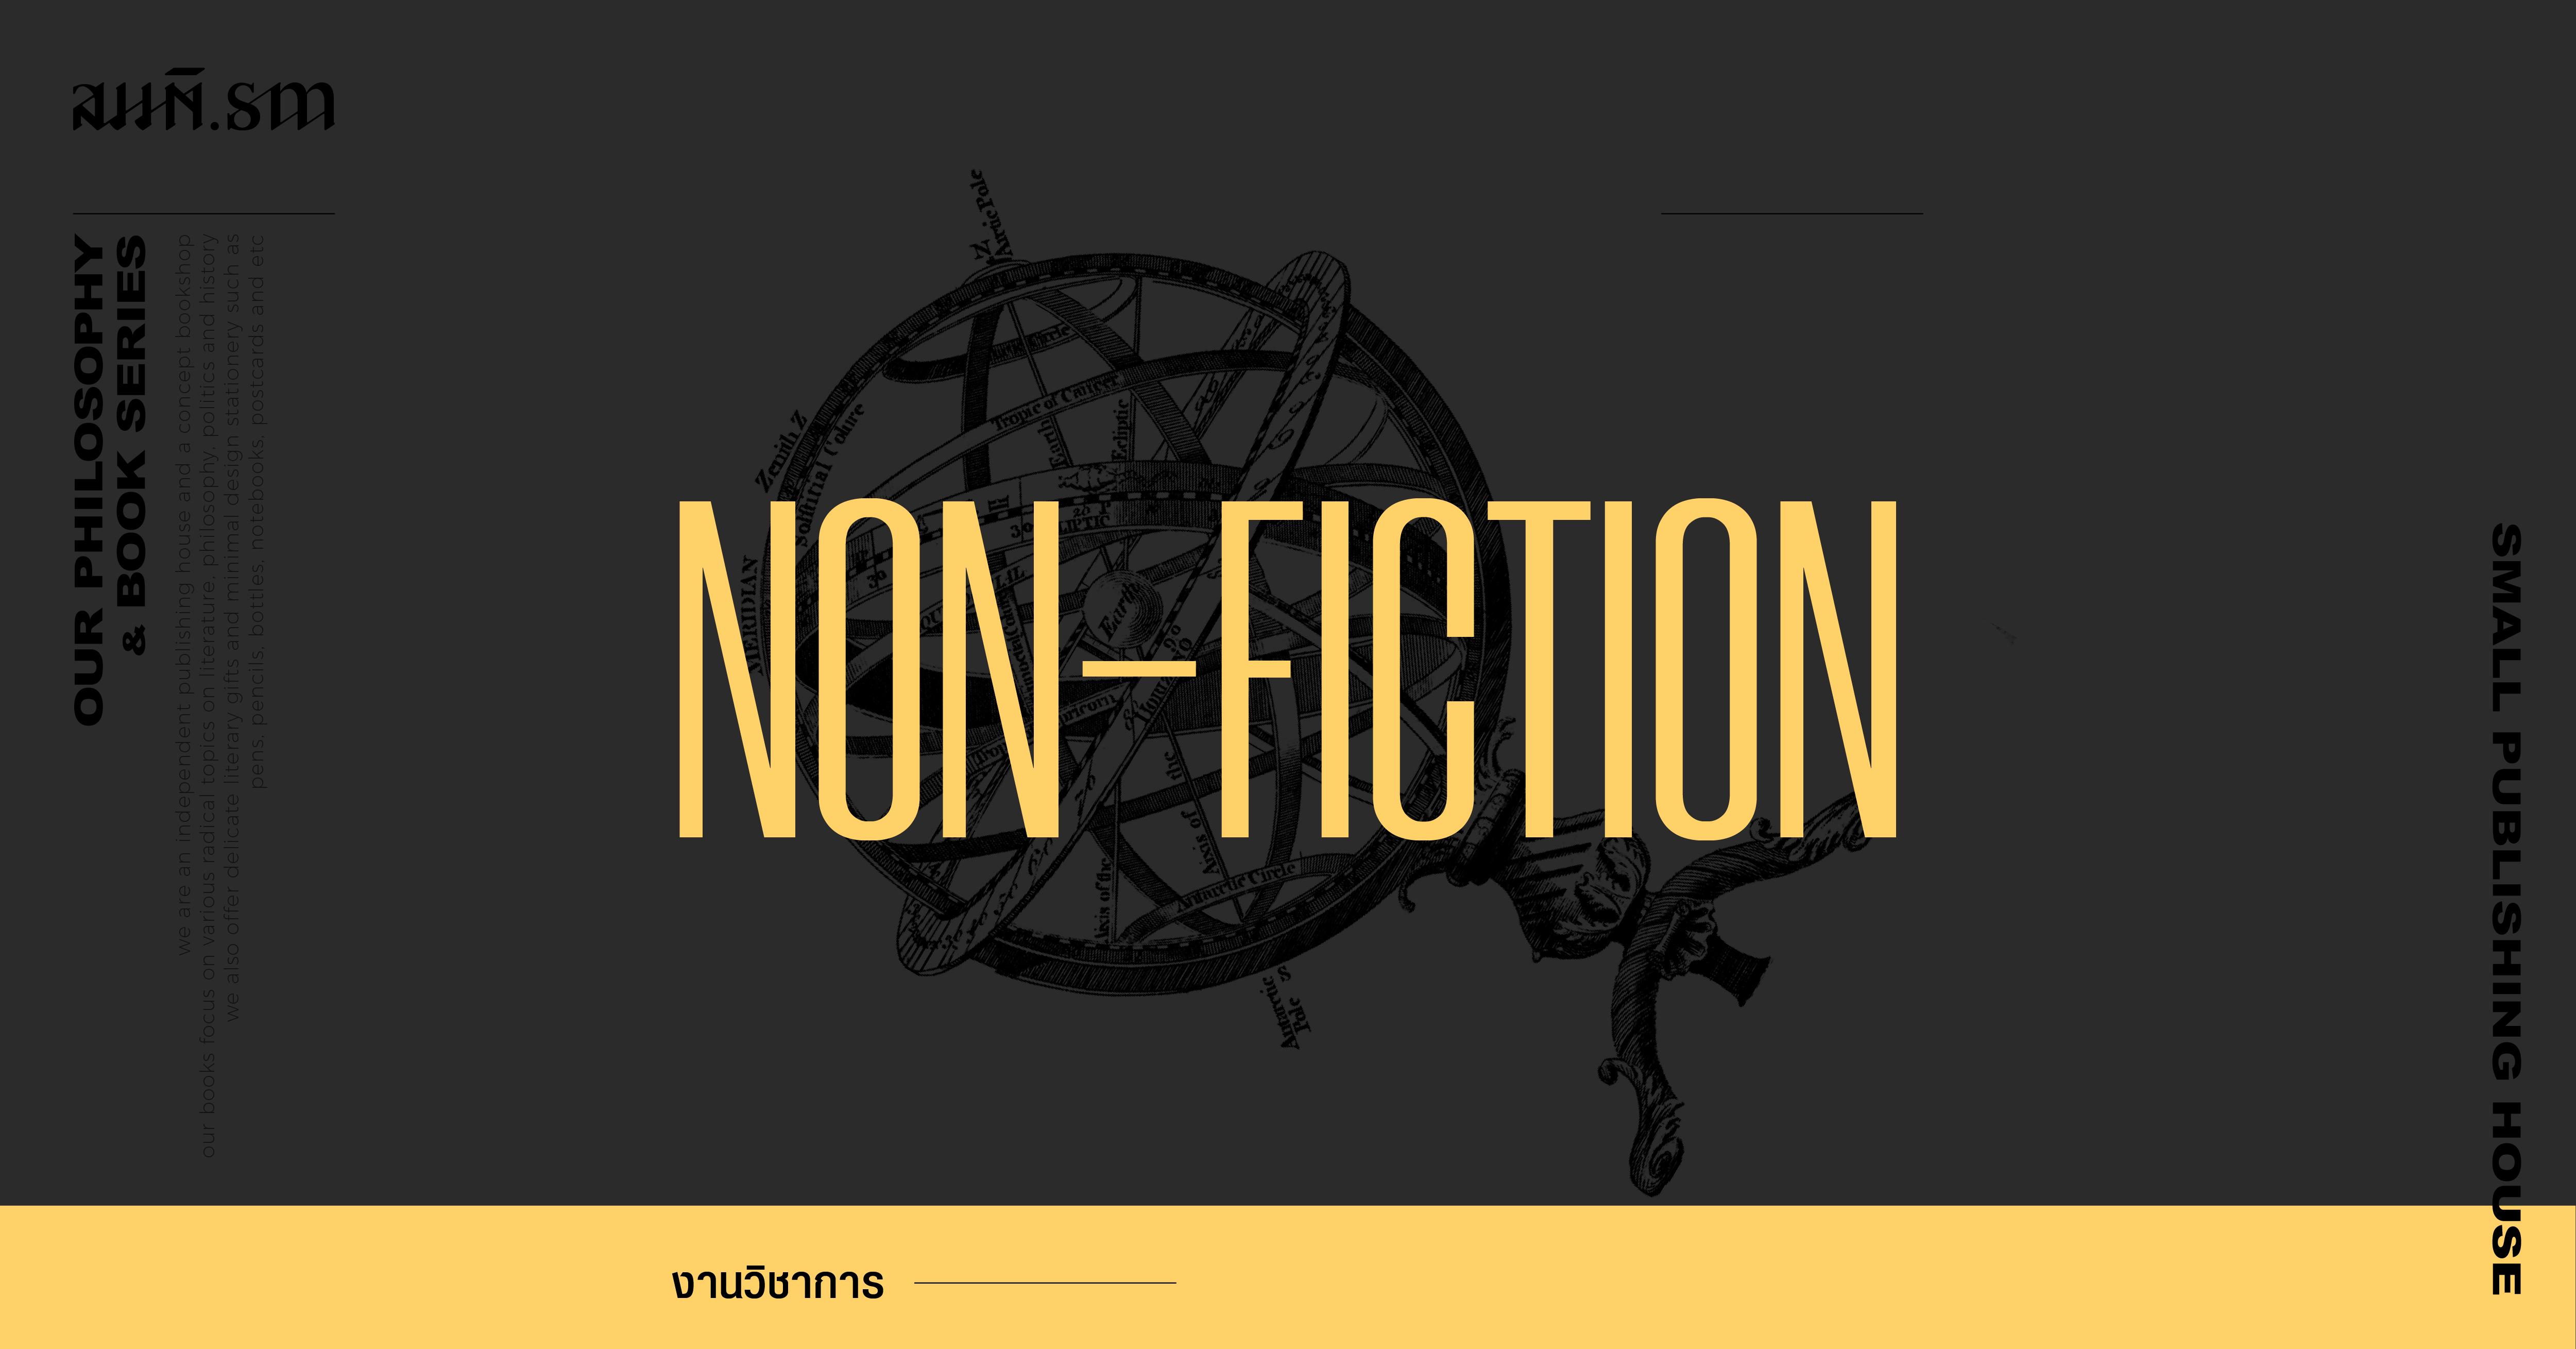 งานวิชาการ | Non-Fiction